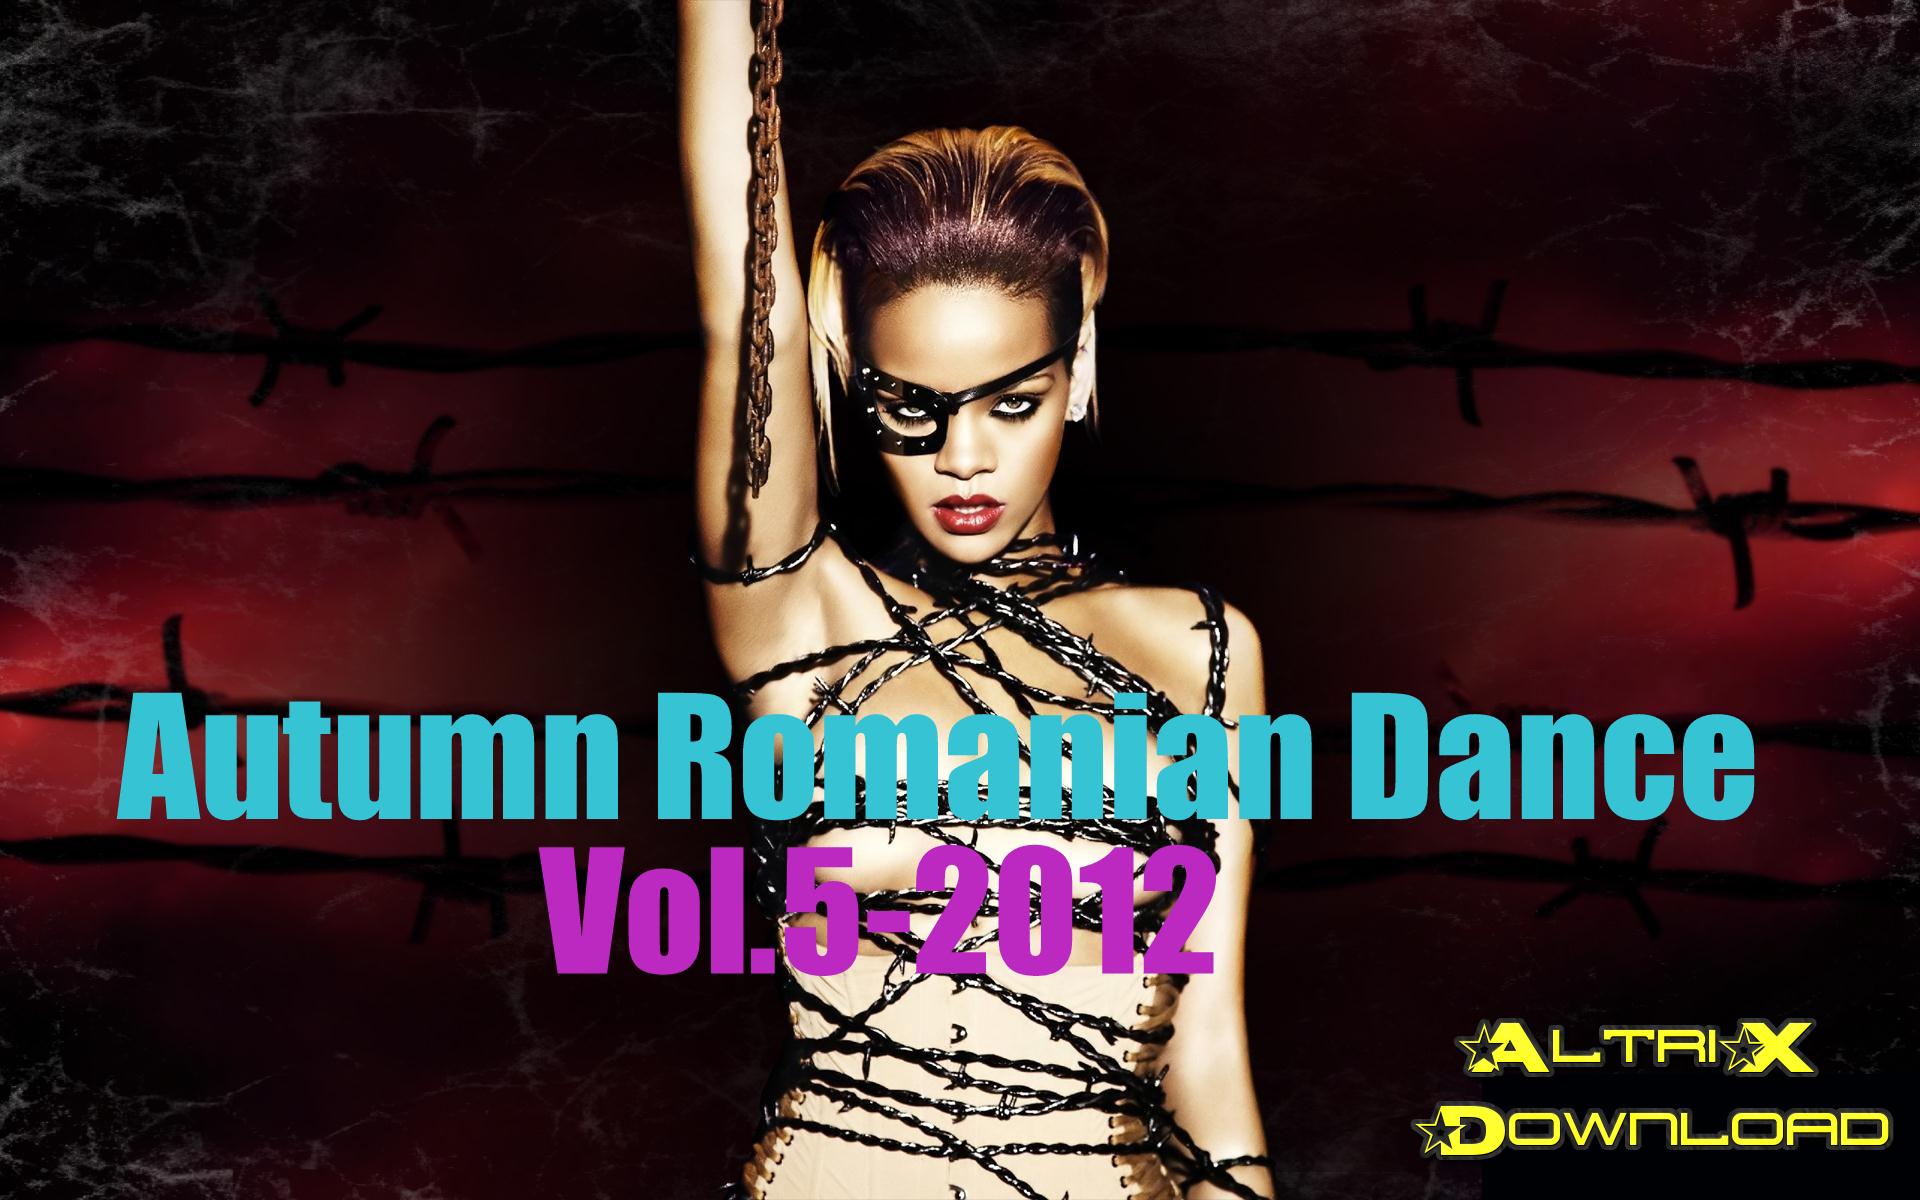 Download Autumn Romanian Dance Vol.5-(2012)